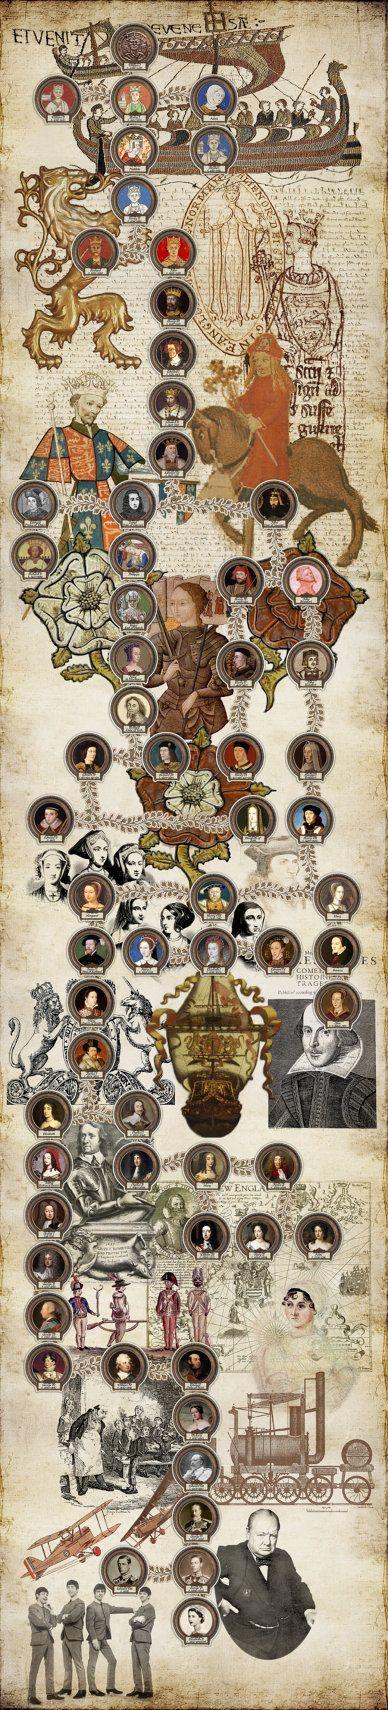 Gli Arcani Supremi (Vox clamantis in deserto - Gothian): Albero genealogico illustrato dei Re d'Inghilterra...